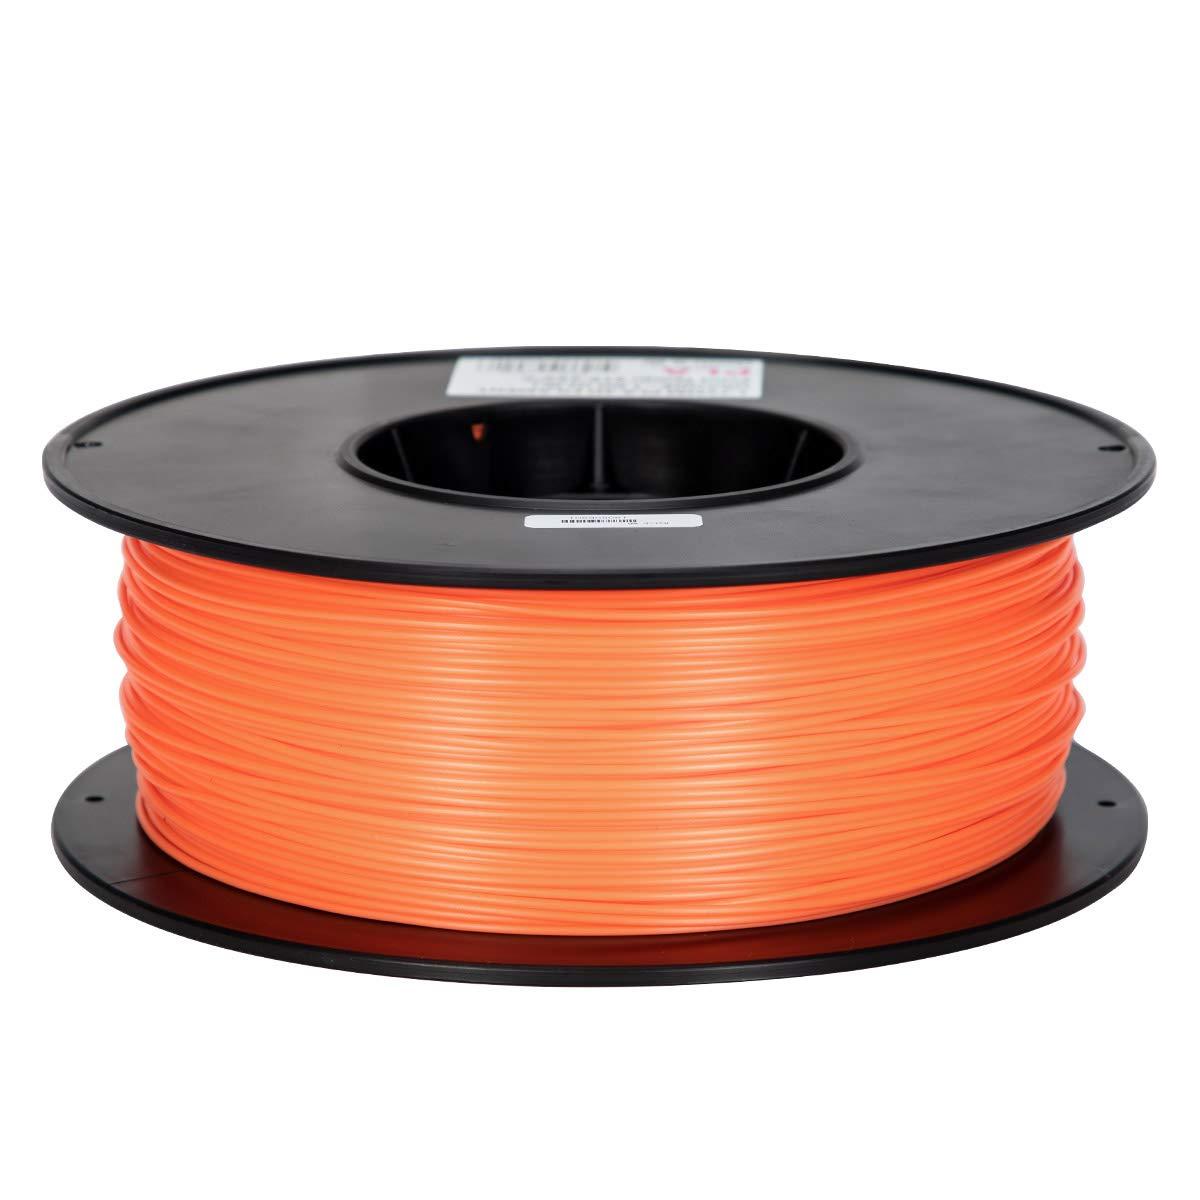 3D filament Makeasy petg filament 3D Printer Filament 1.75mm 1KG 2.2lb +//- 0.02 mm 1 kg Spool Black, ABS